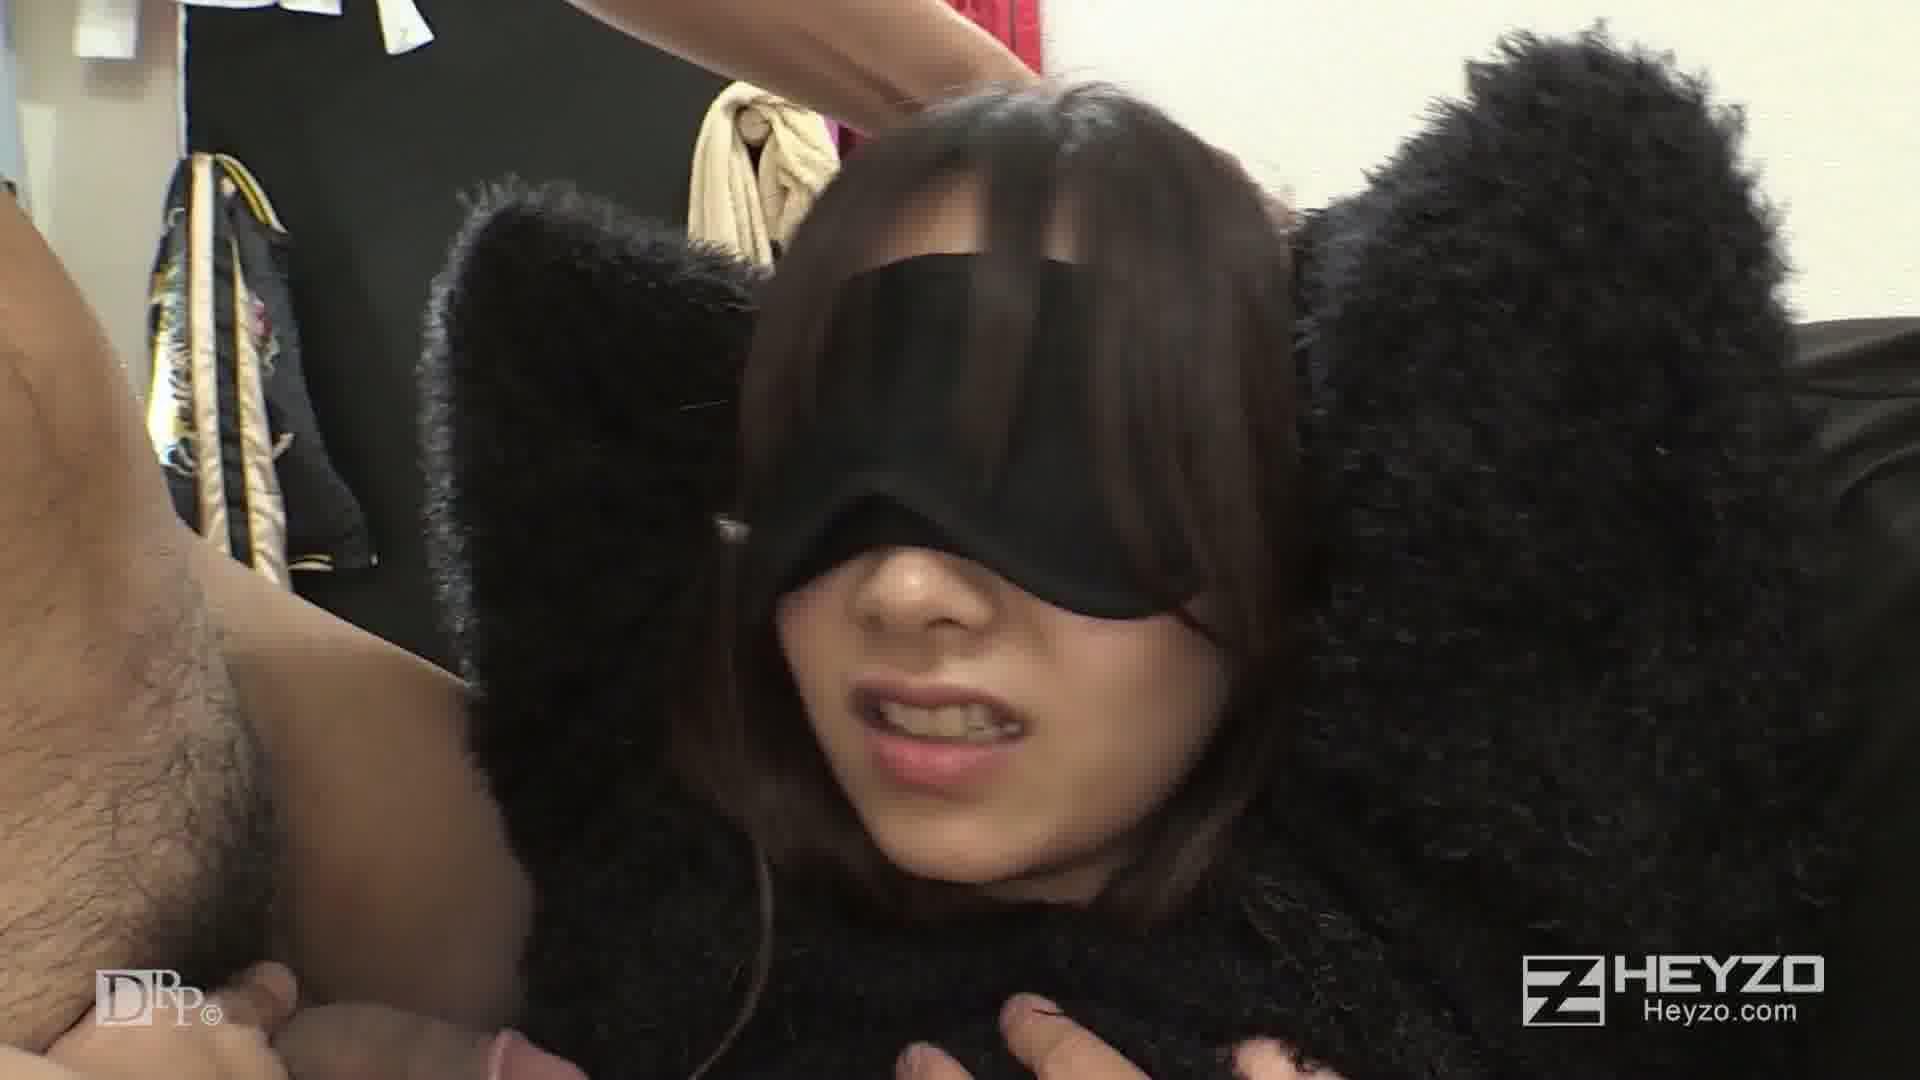 AVをなめるな!お仕置きだ!! - 藤井沙紀【バイブ 電マ フェラ Wフェラ】